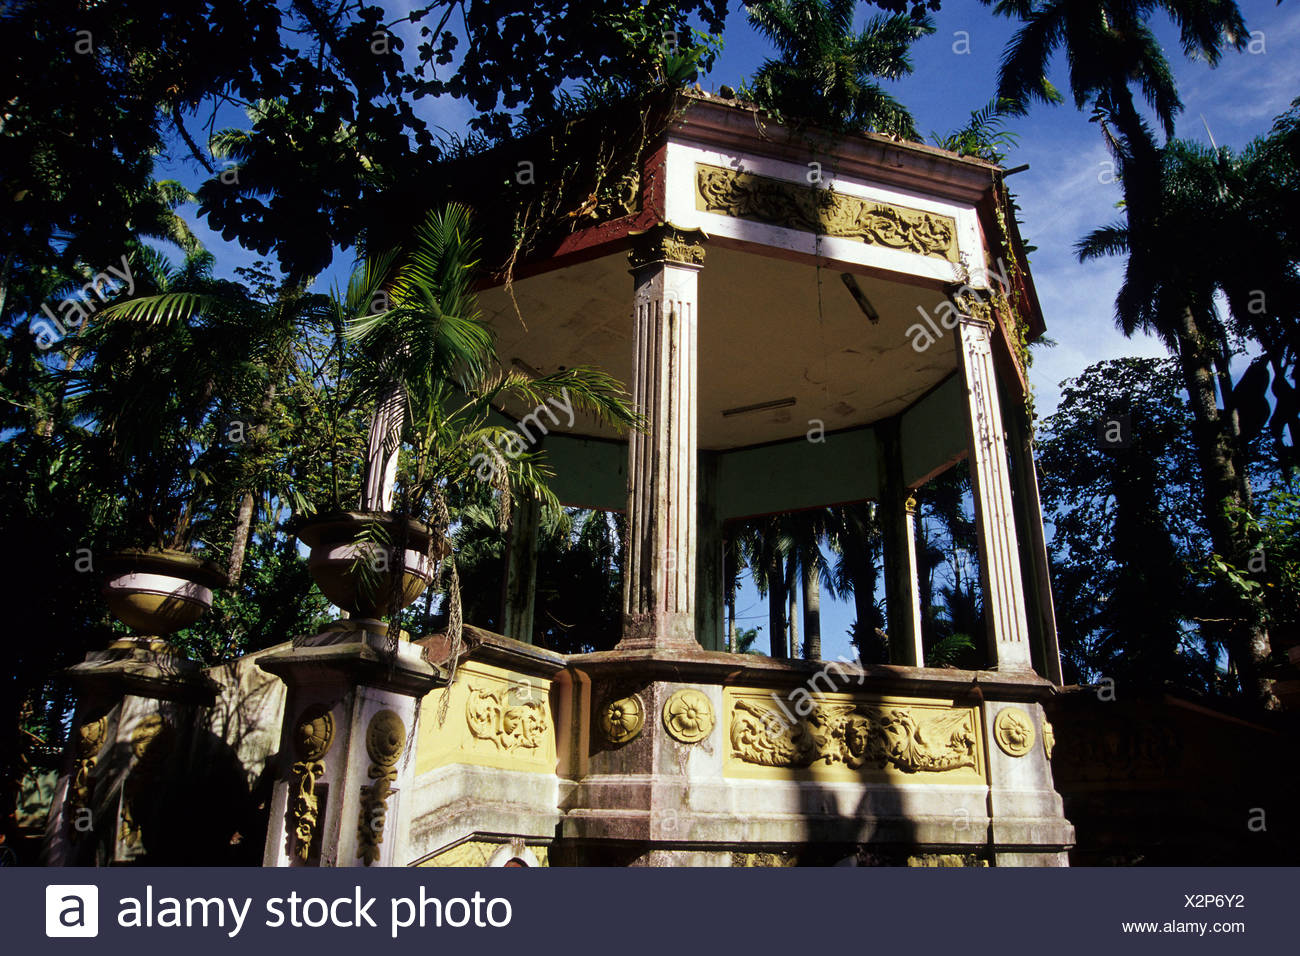 Scène en plein air dans un parc, typique kiosko dans le Balvanero Parque Vargas Molina, Puerto Limon, Caraïbes, Costa Rica, Central Ame Banque D'Images